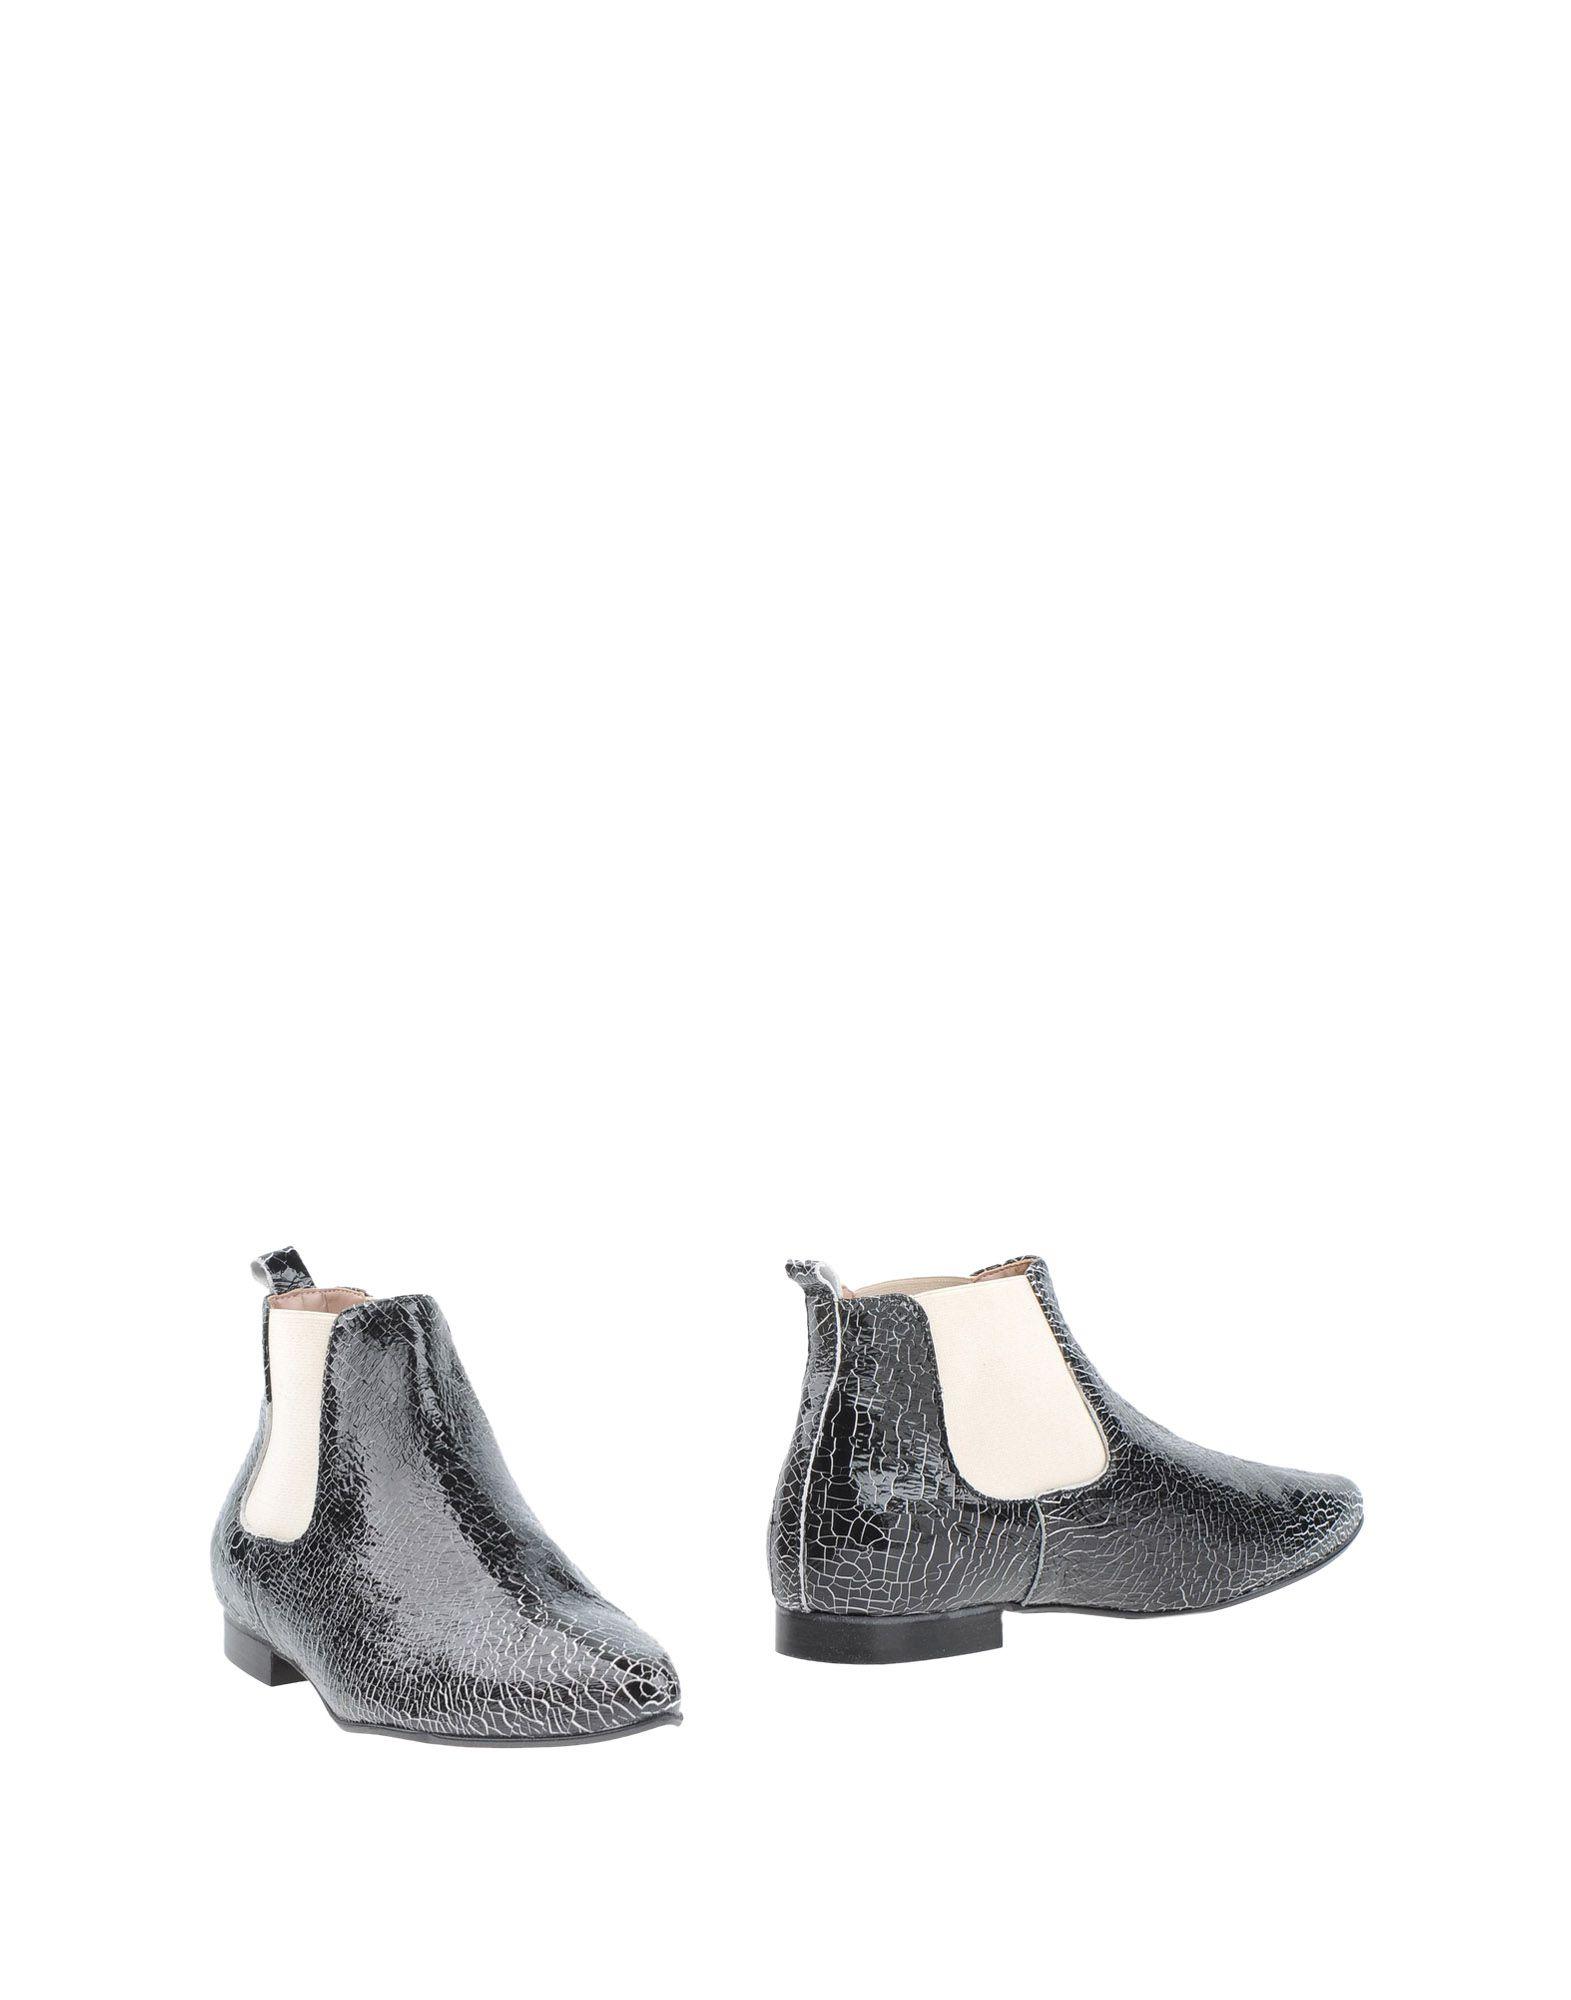 TIPE E TACCHI Полусапоги и высокие ботинки купить футбольную форму челси торрес